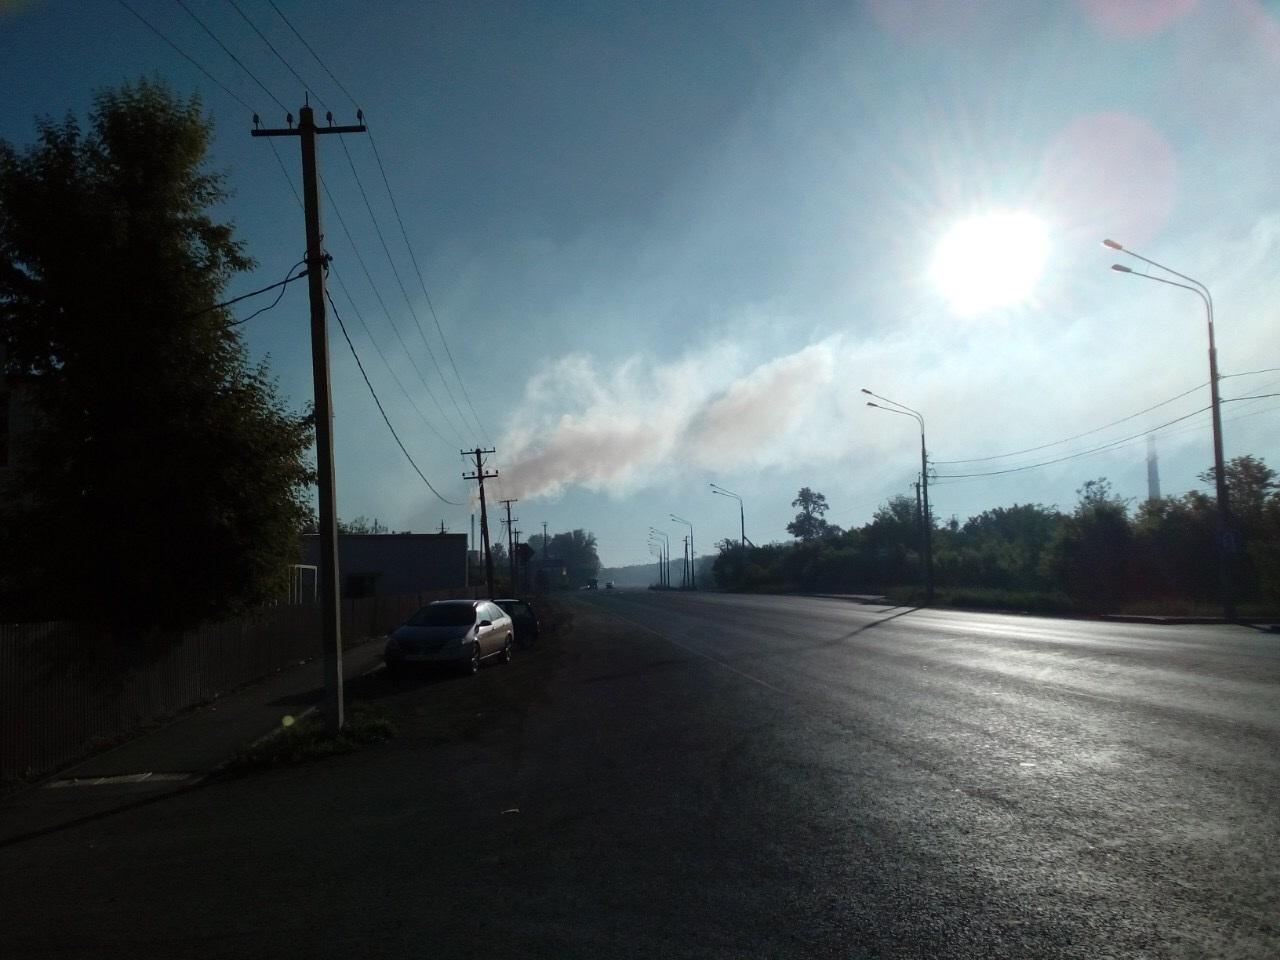 На выбросы в атмосферу завода «Реметалл-С» уже много лет жалуются жители Отрадного